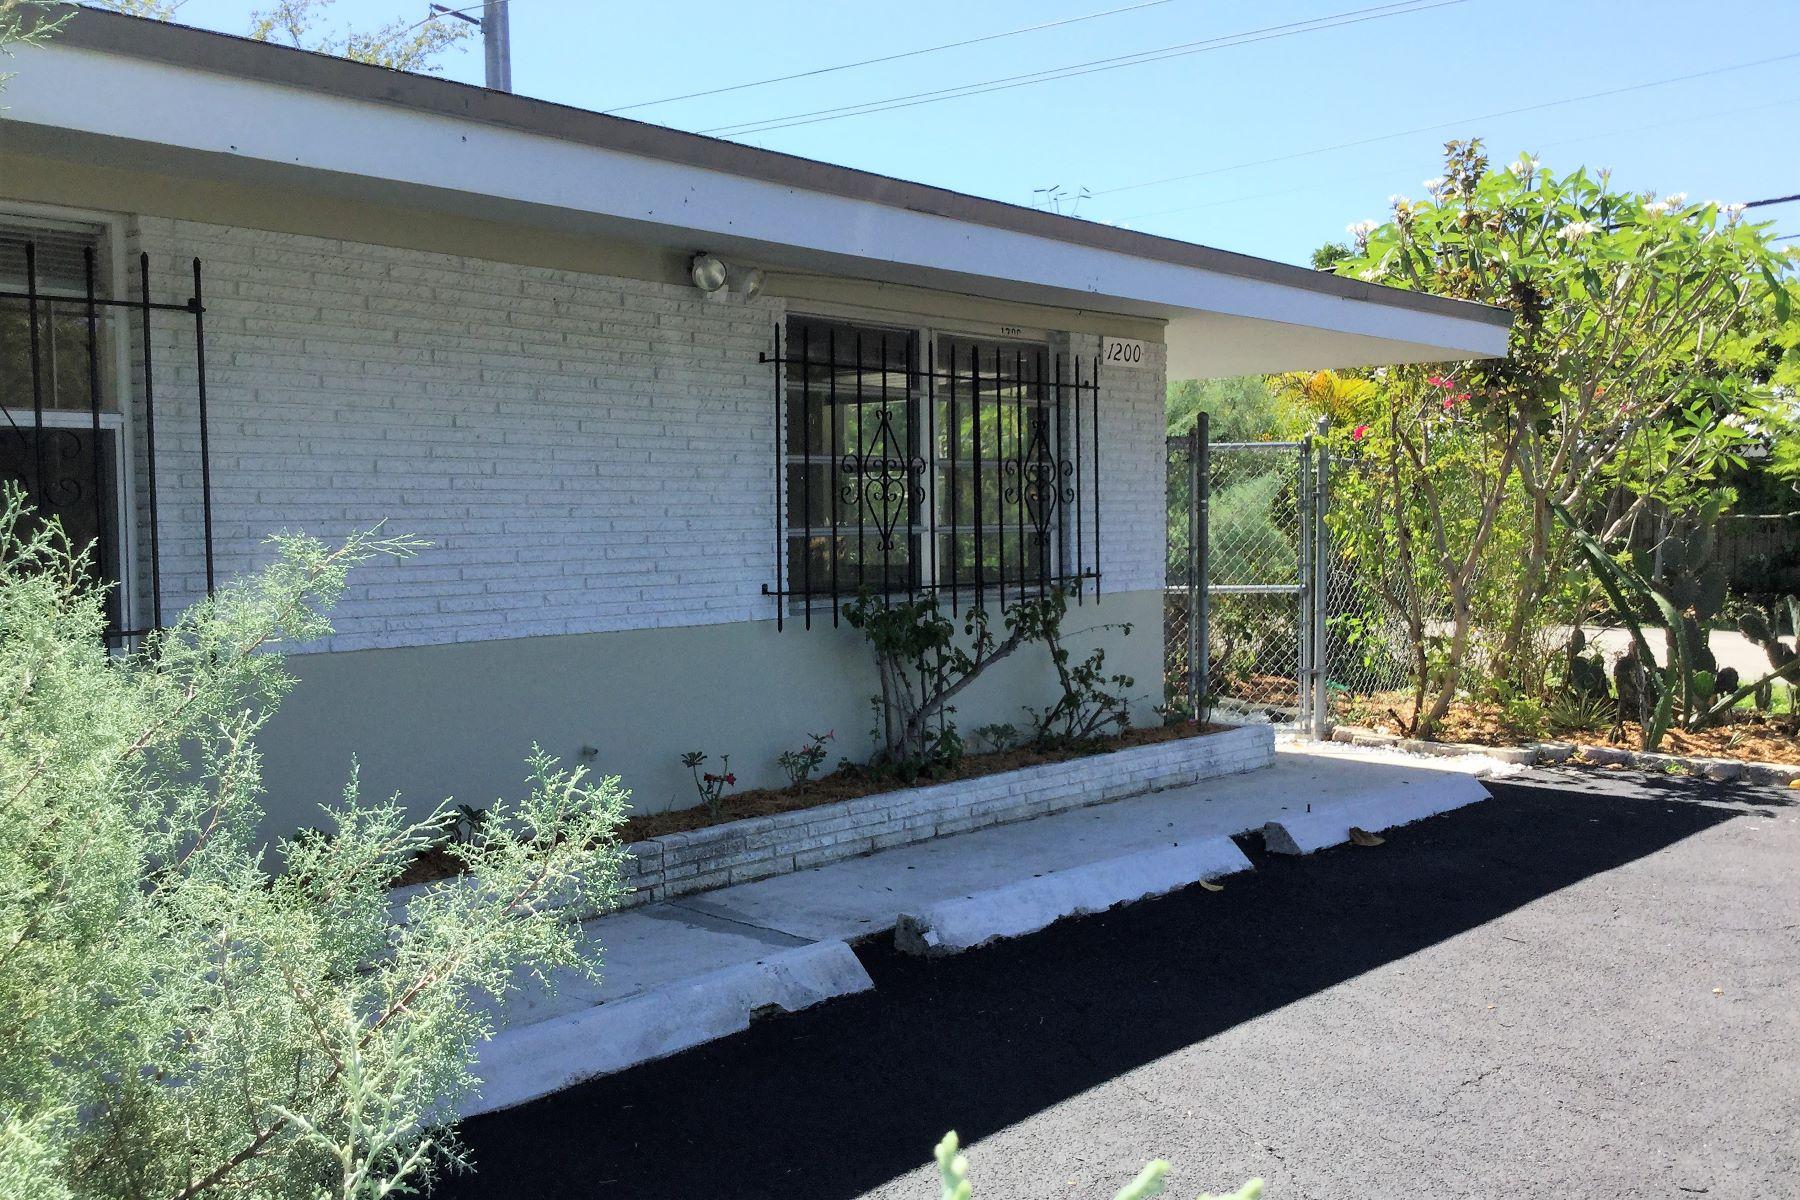 Loft/Duplex pour l Vente à 1200 Nw 5th Avenue Fort Lauderdale, Florida, 33311 États-Unis